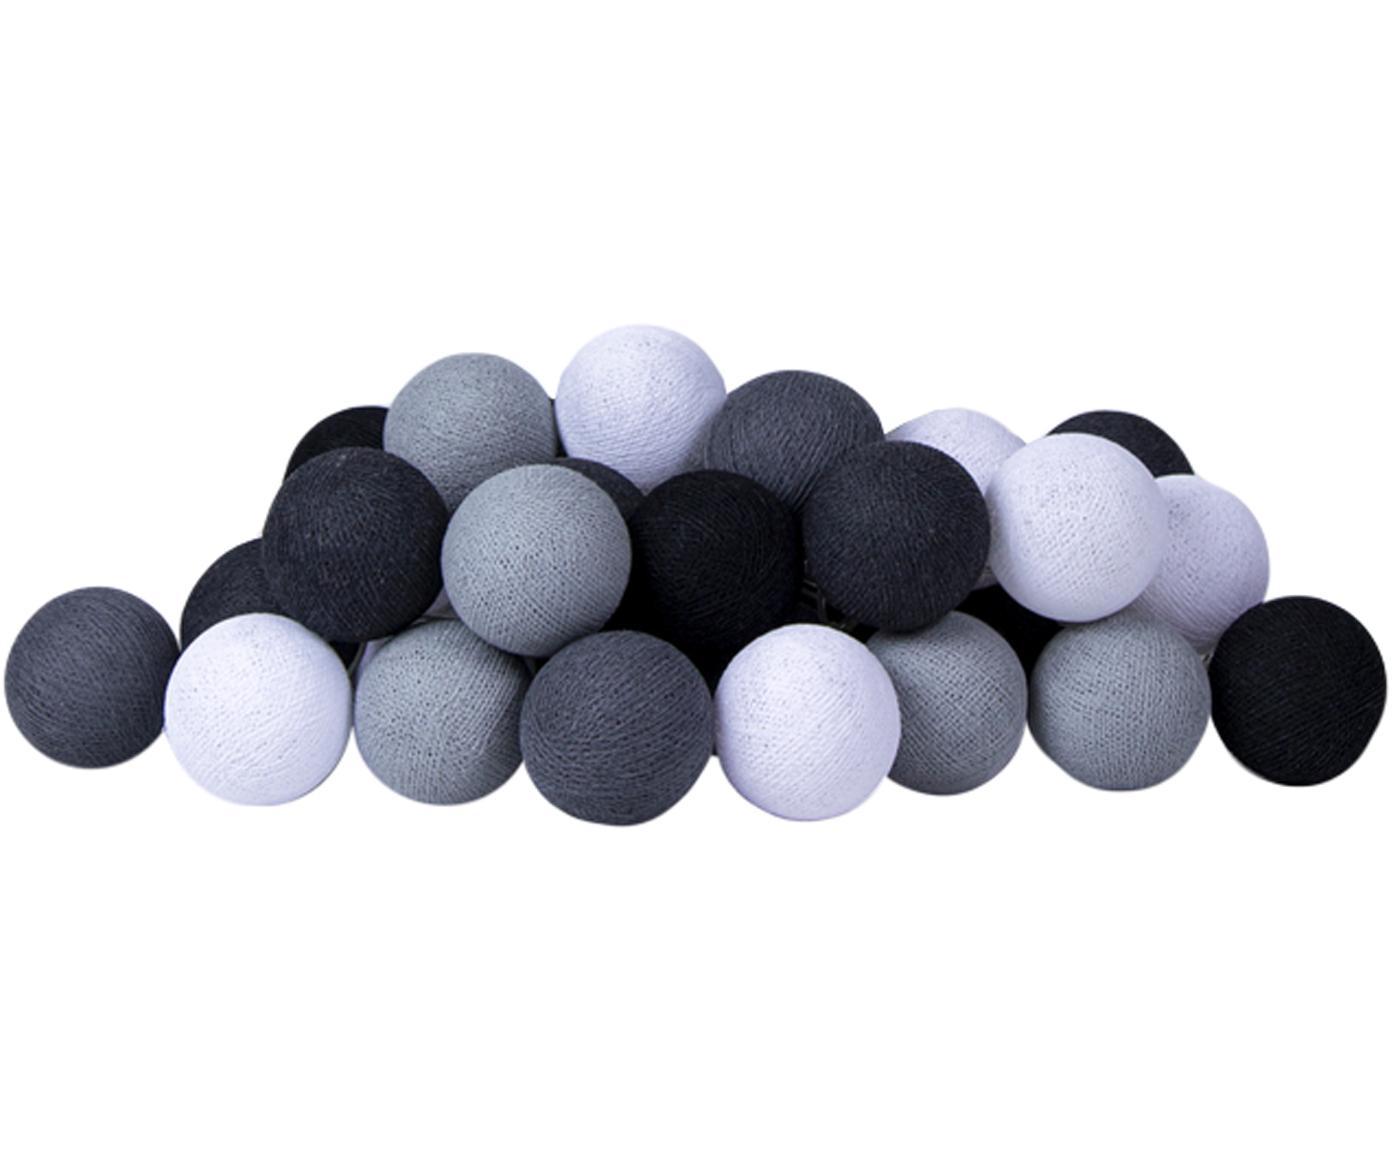 Girlanda świetlna LED Colorain, Czarny, odcienie szarego, biały, D 230 x W 10 cm